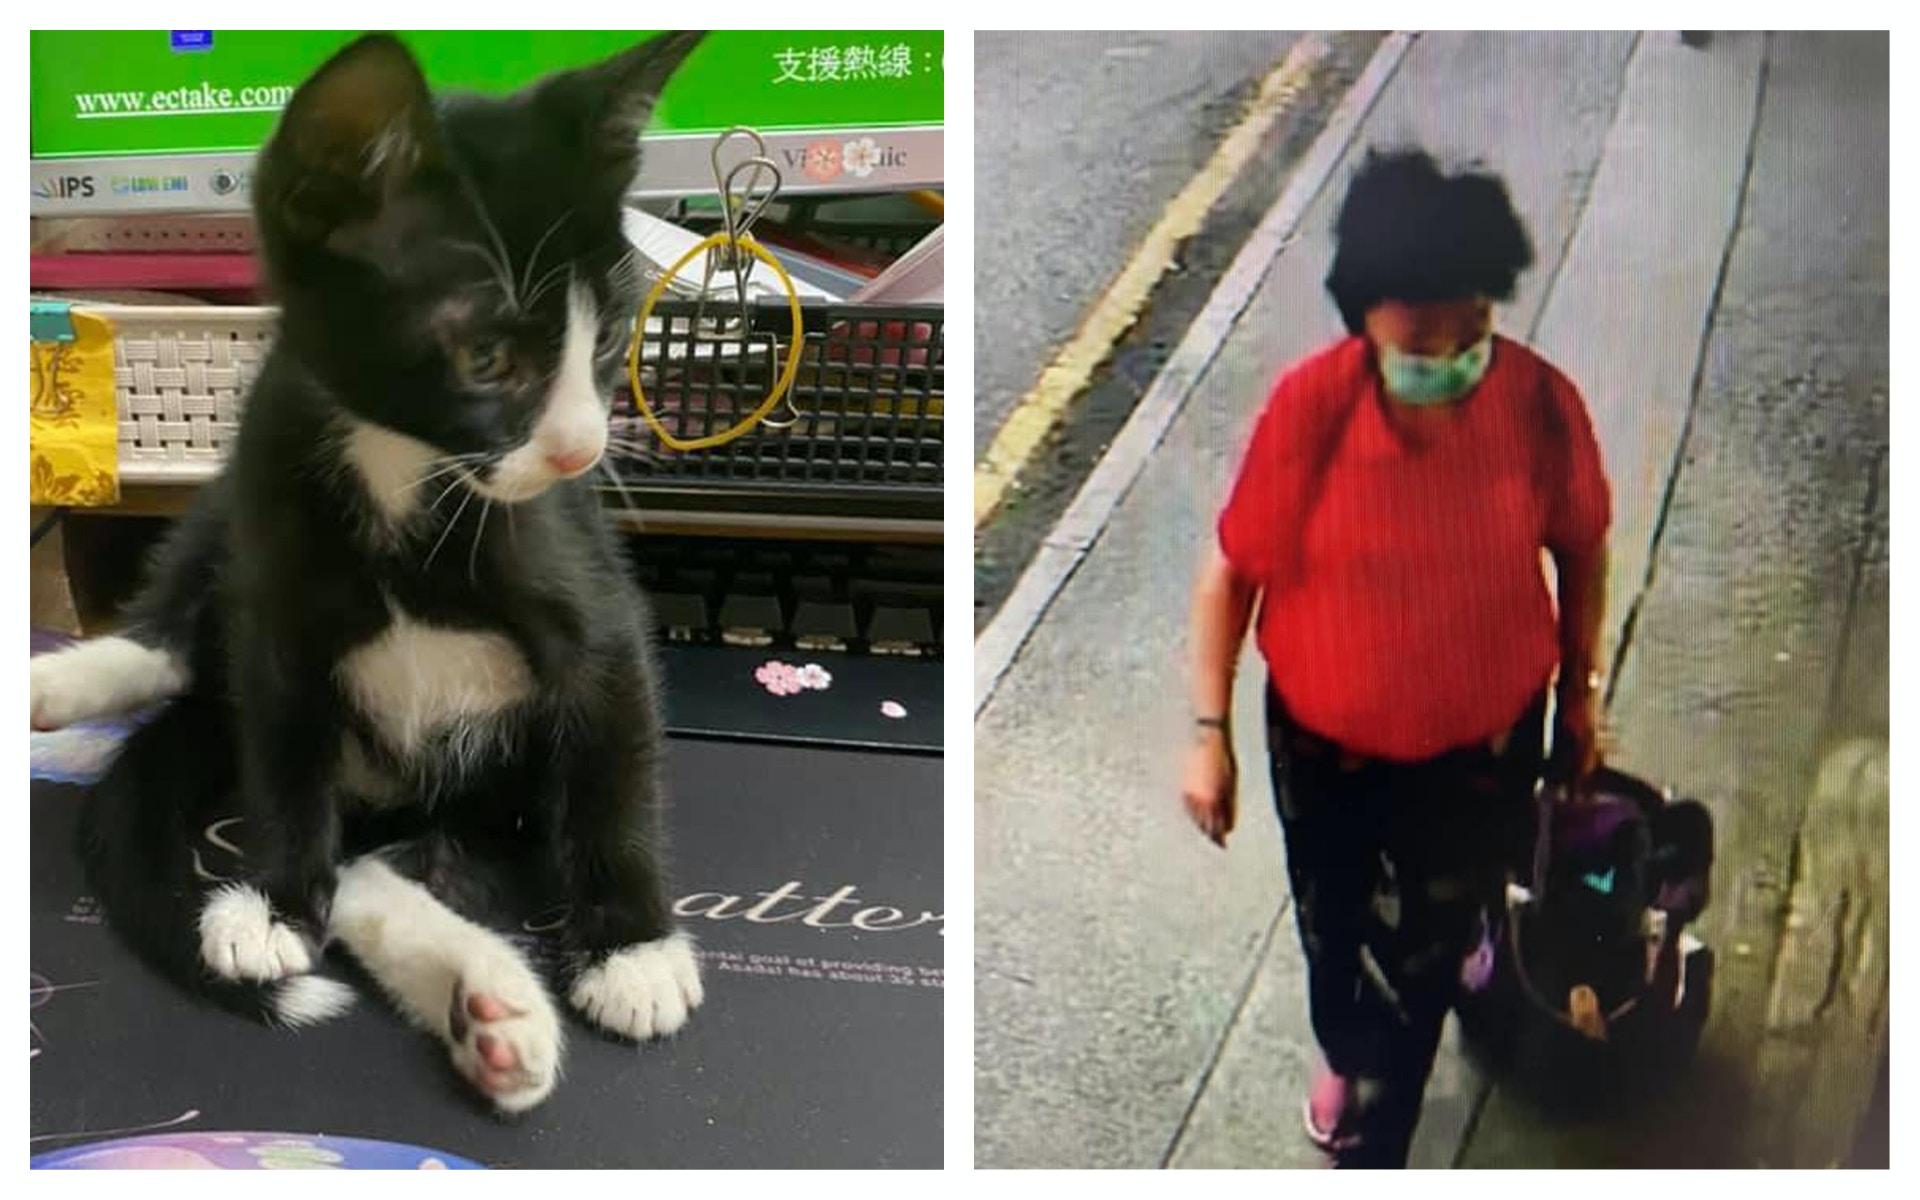 油麻地果欄偷貓案 警拘涉案女子 涉虐待動物及爆竊 香港01 突發